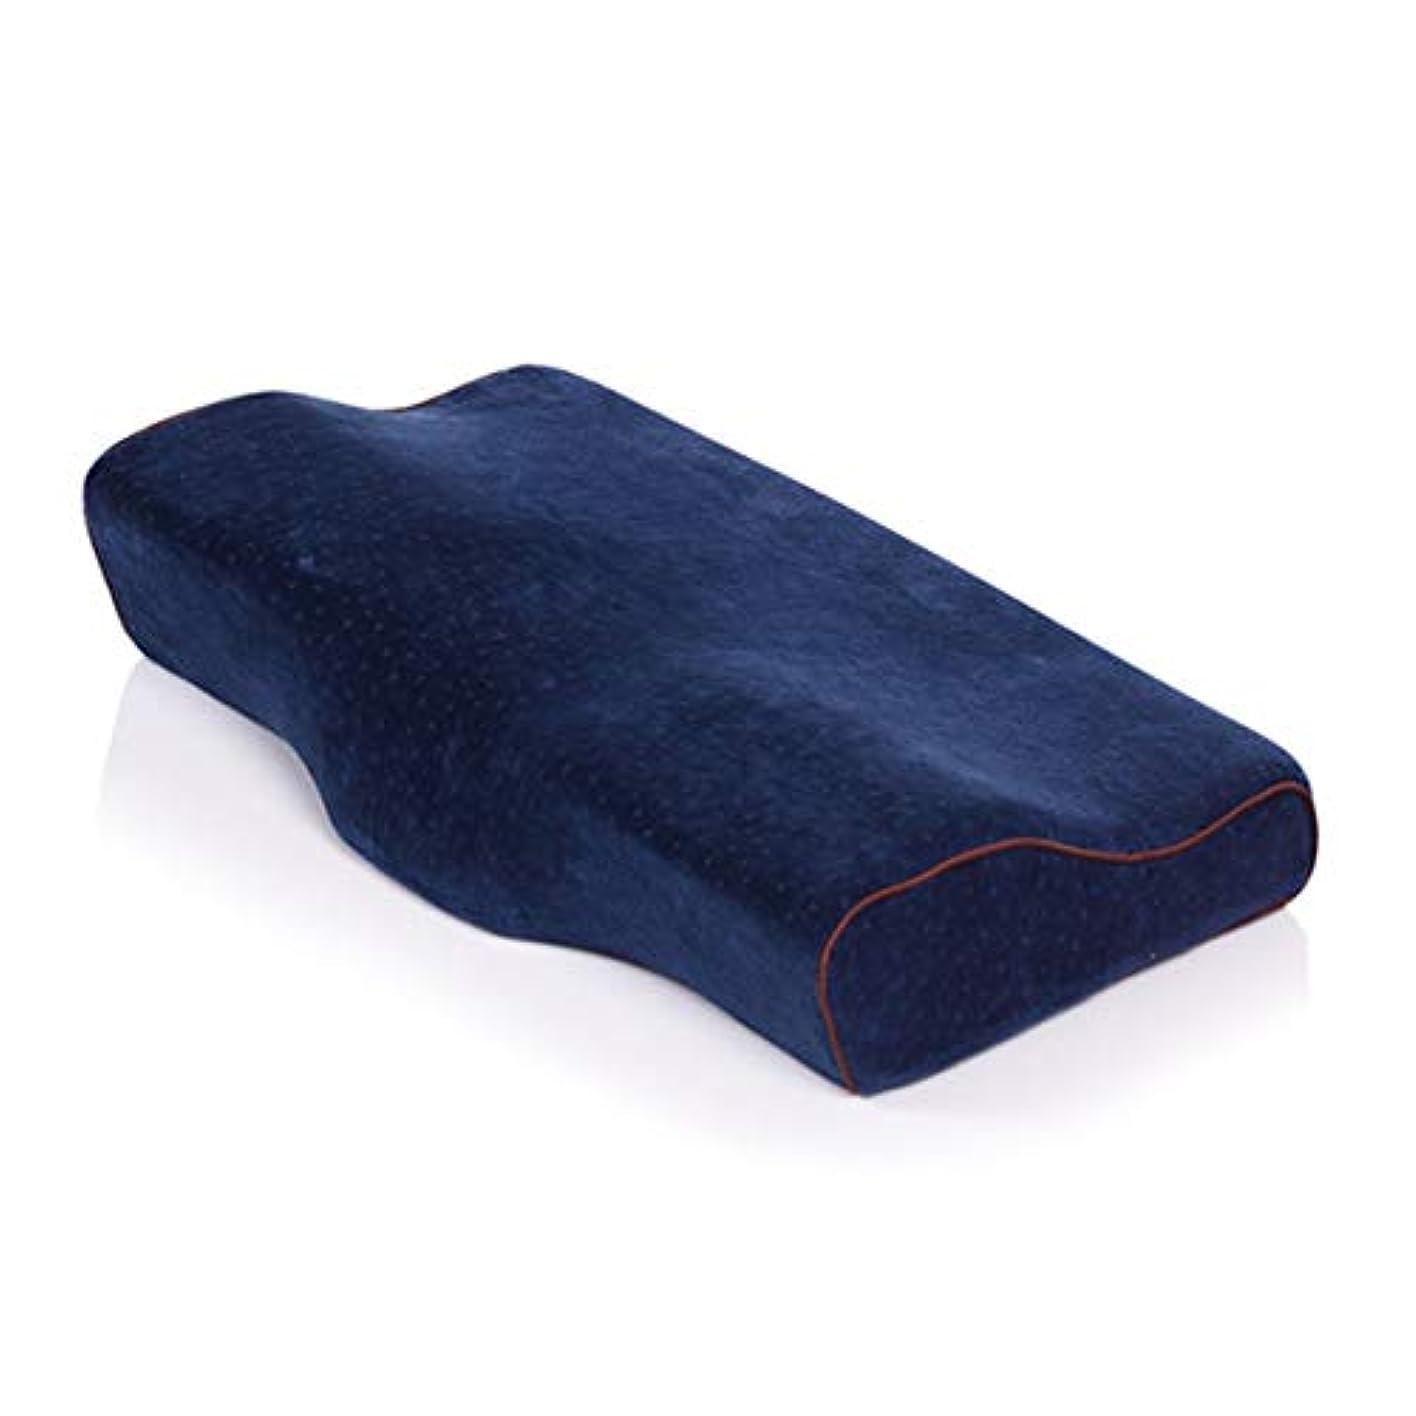 壊す努力するおじさんIntercorey蝶形の寝具整形外科の枕快適な低反発の枕蝶形の寝具整形外科の枕